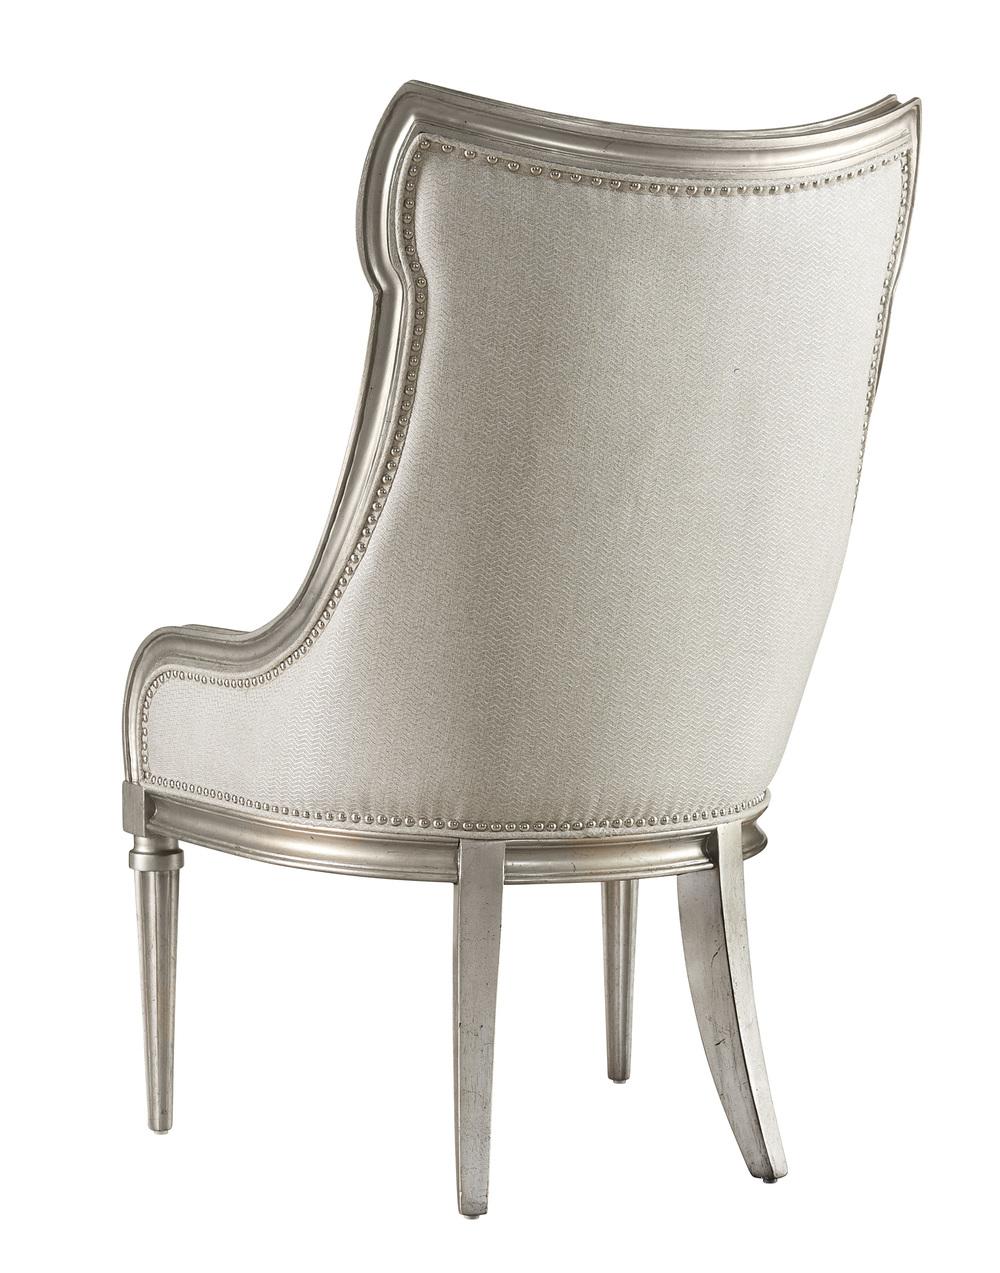 A.R.T. FURNITURE INC - Host Chair